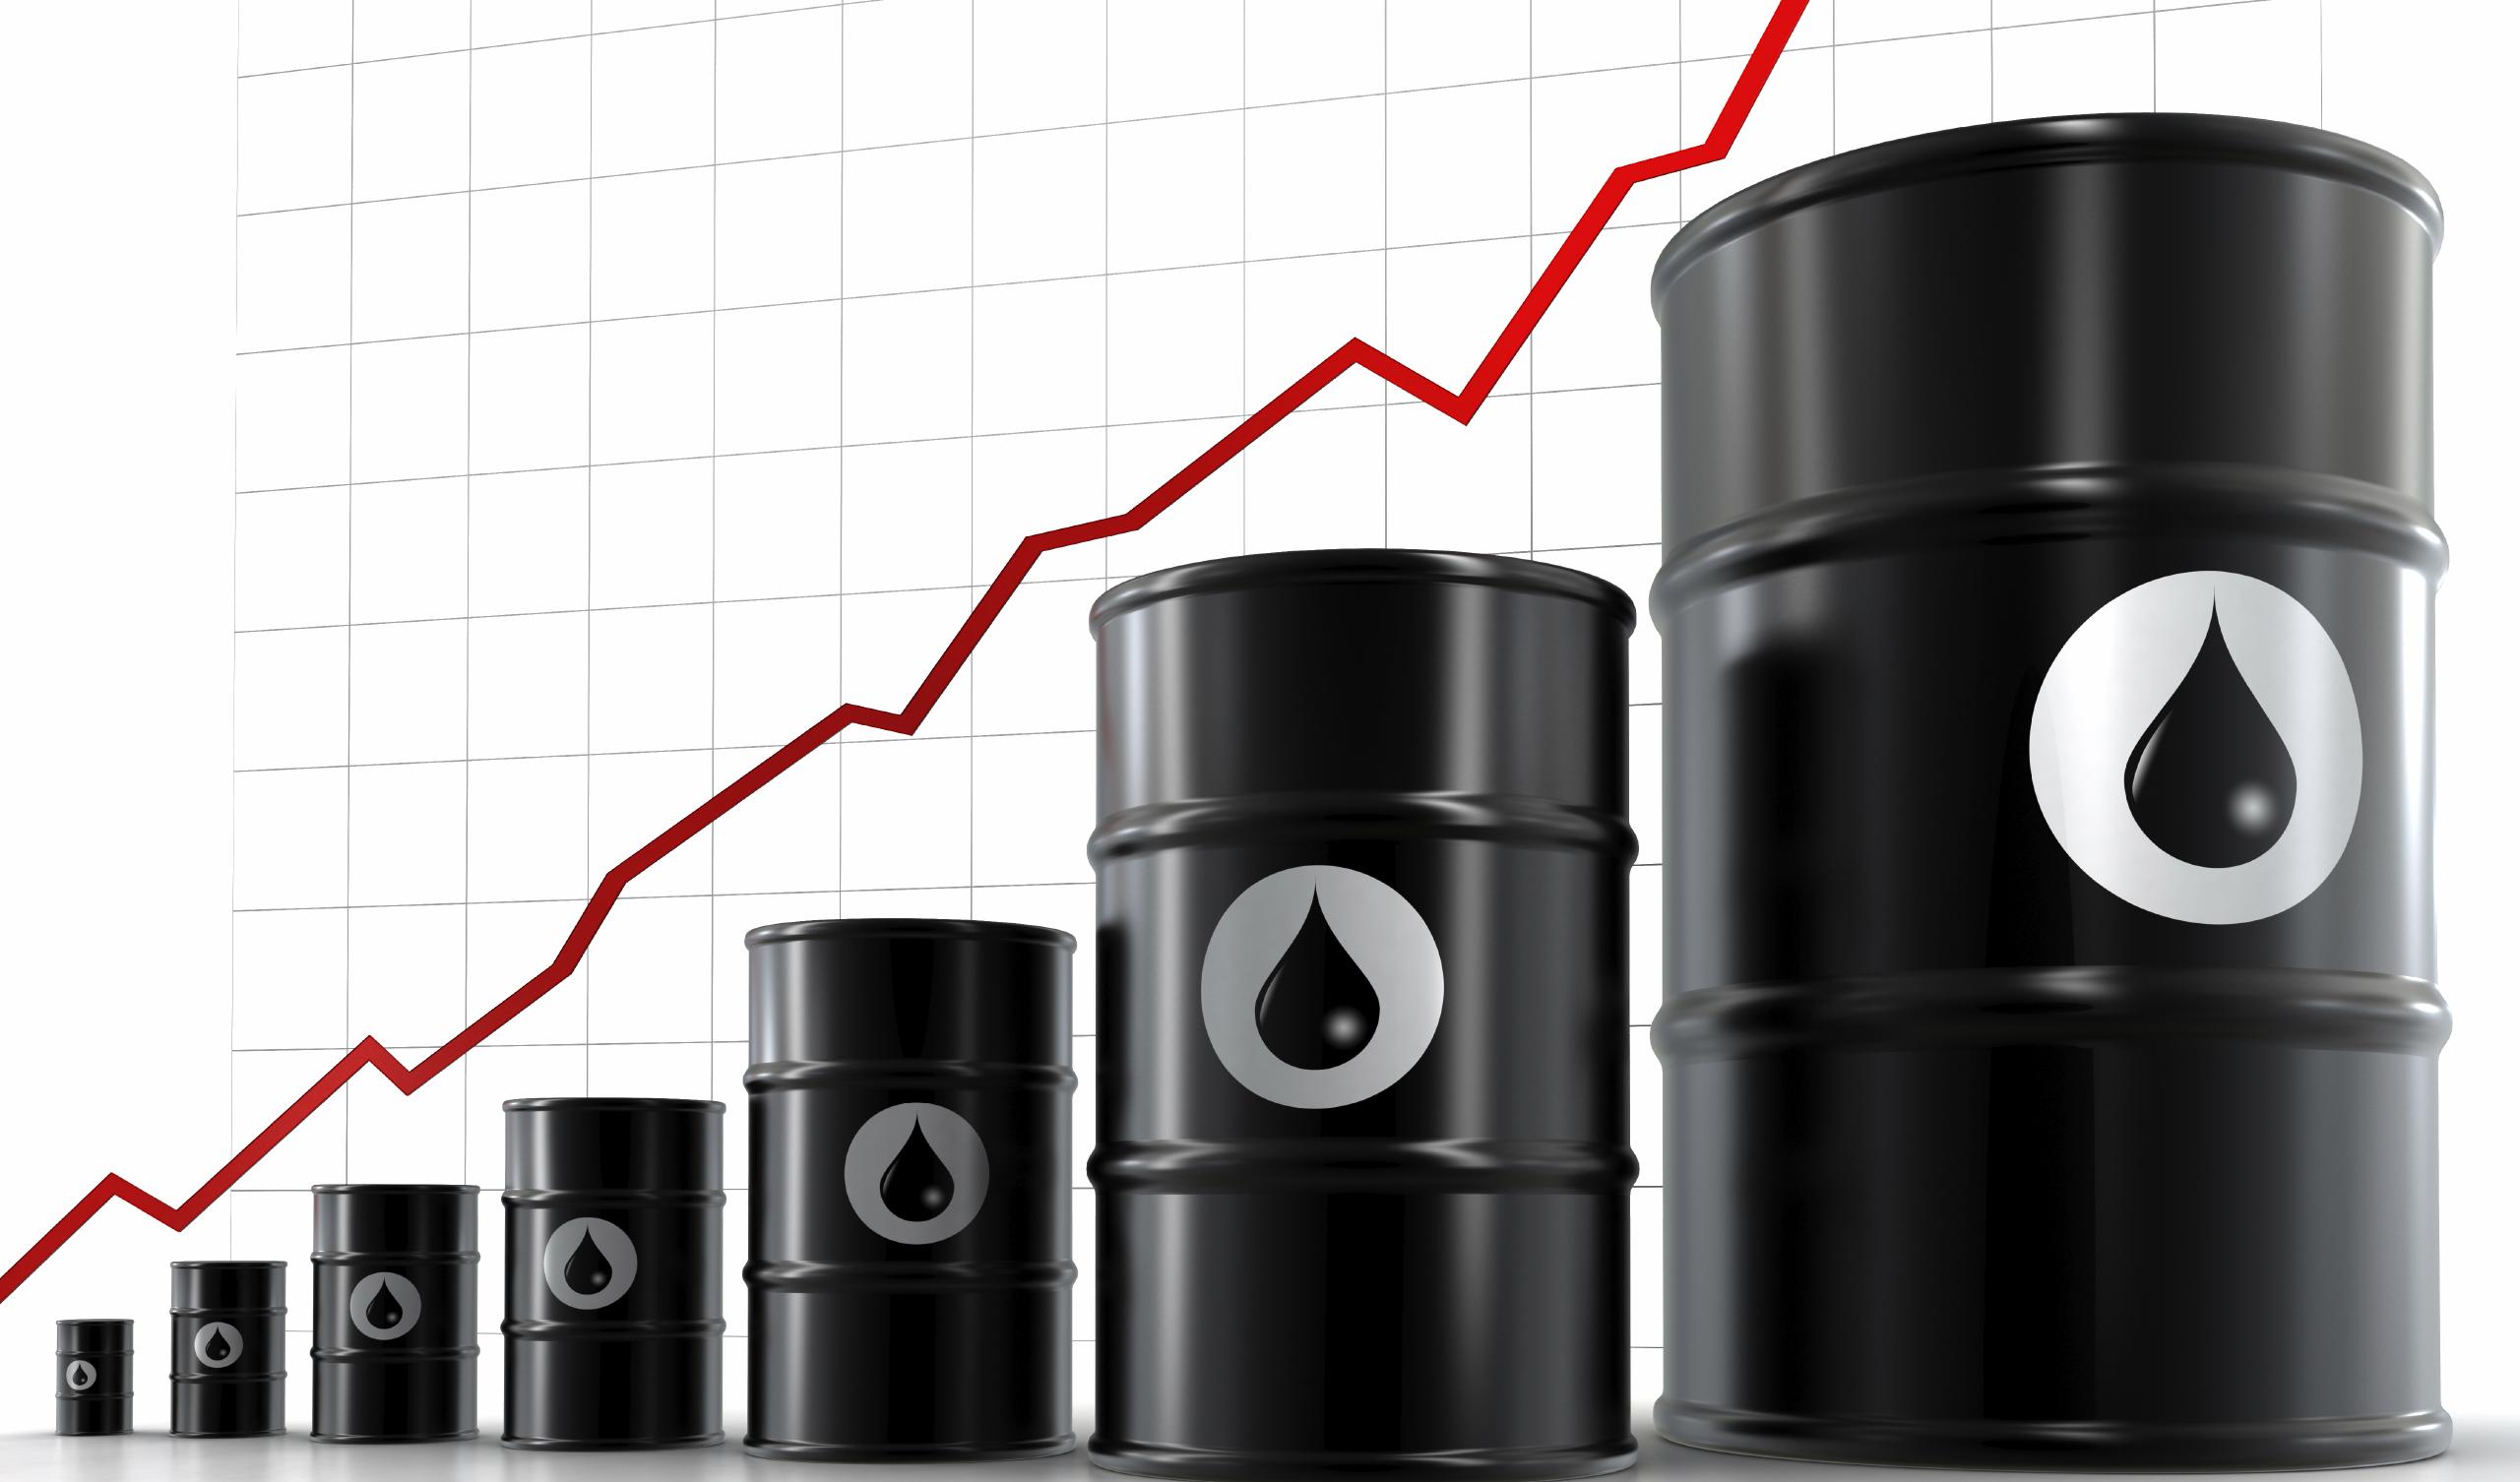 قیمت نفت خام جهش کرد / بالاترین قیمت ۲ ماه اخیر